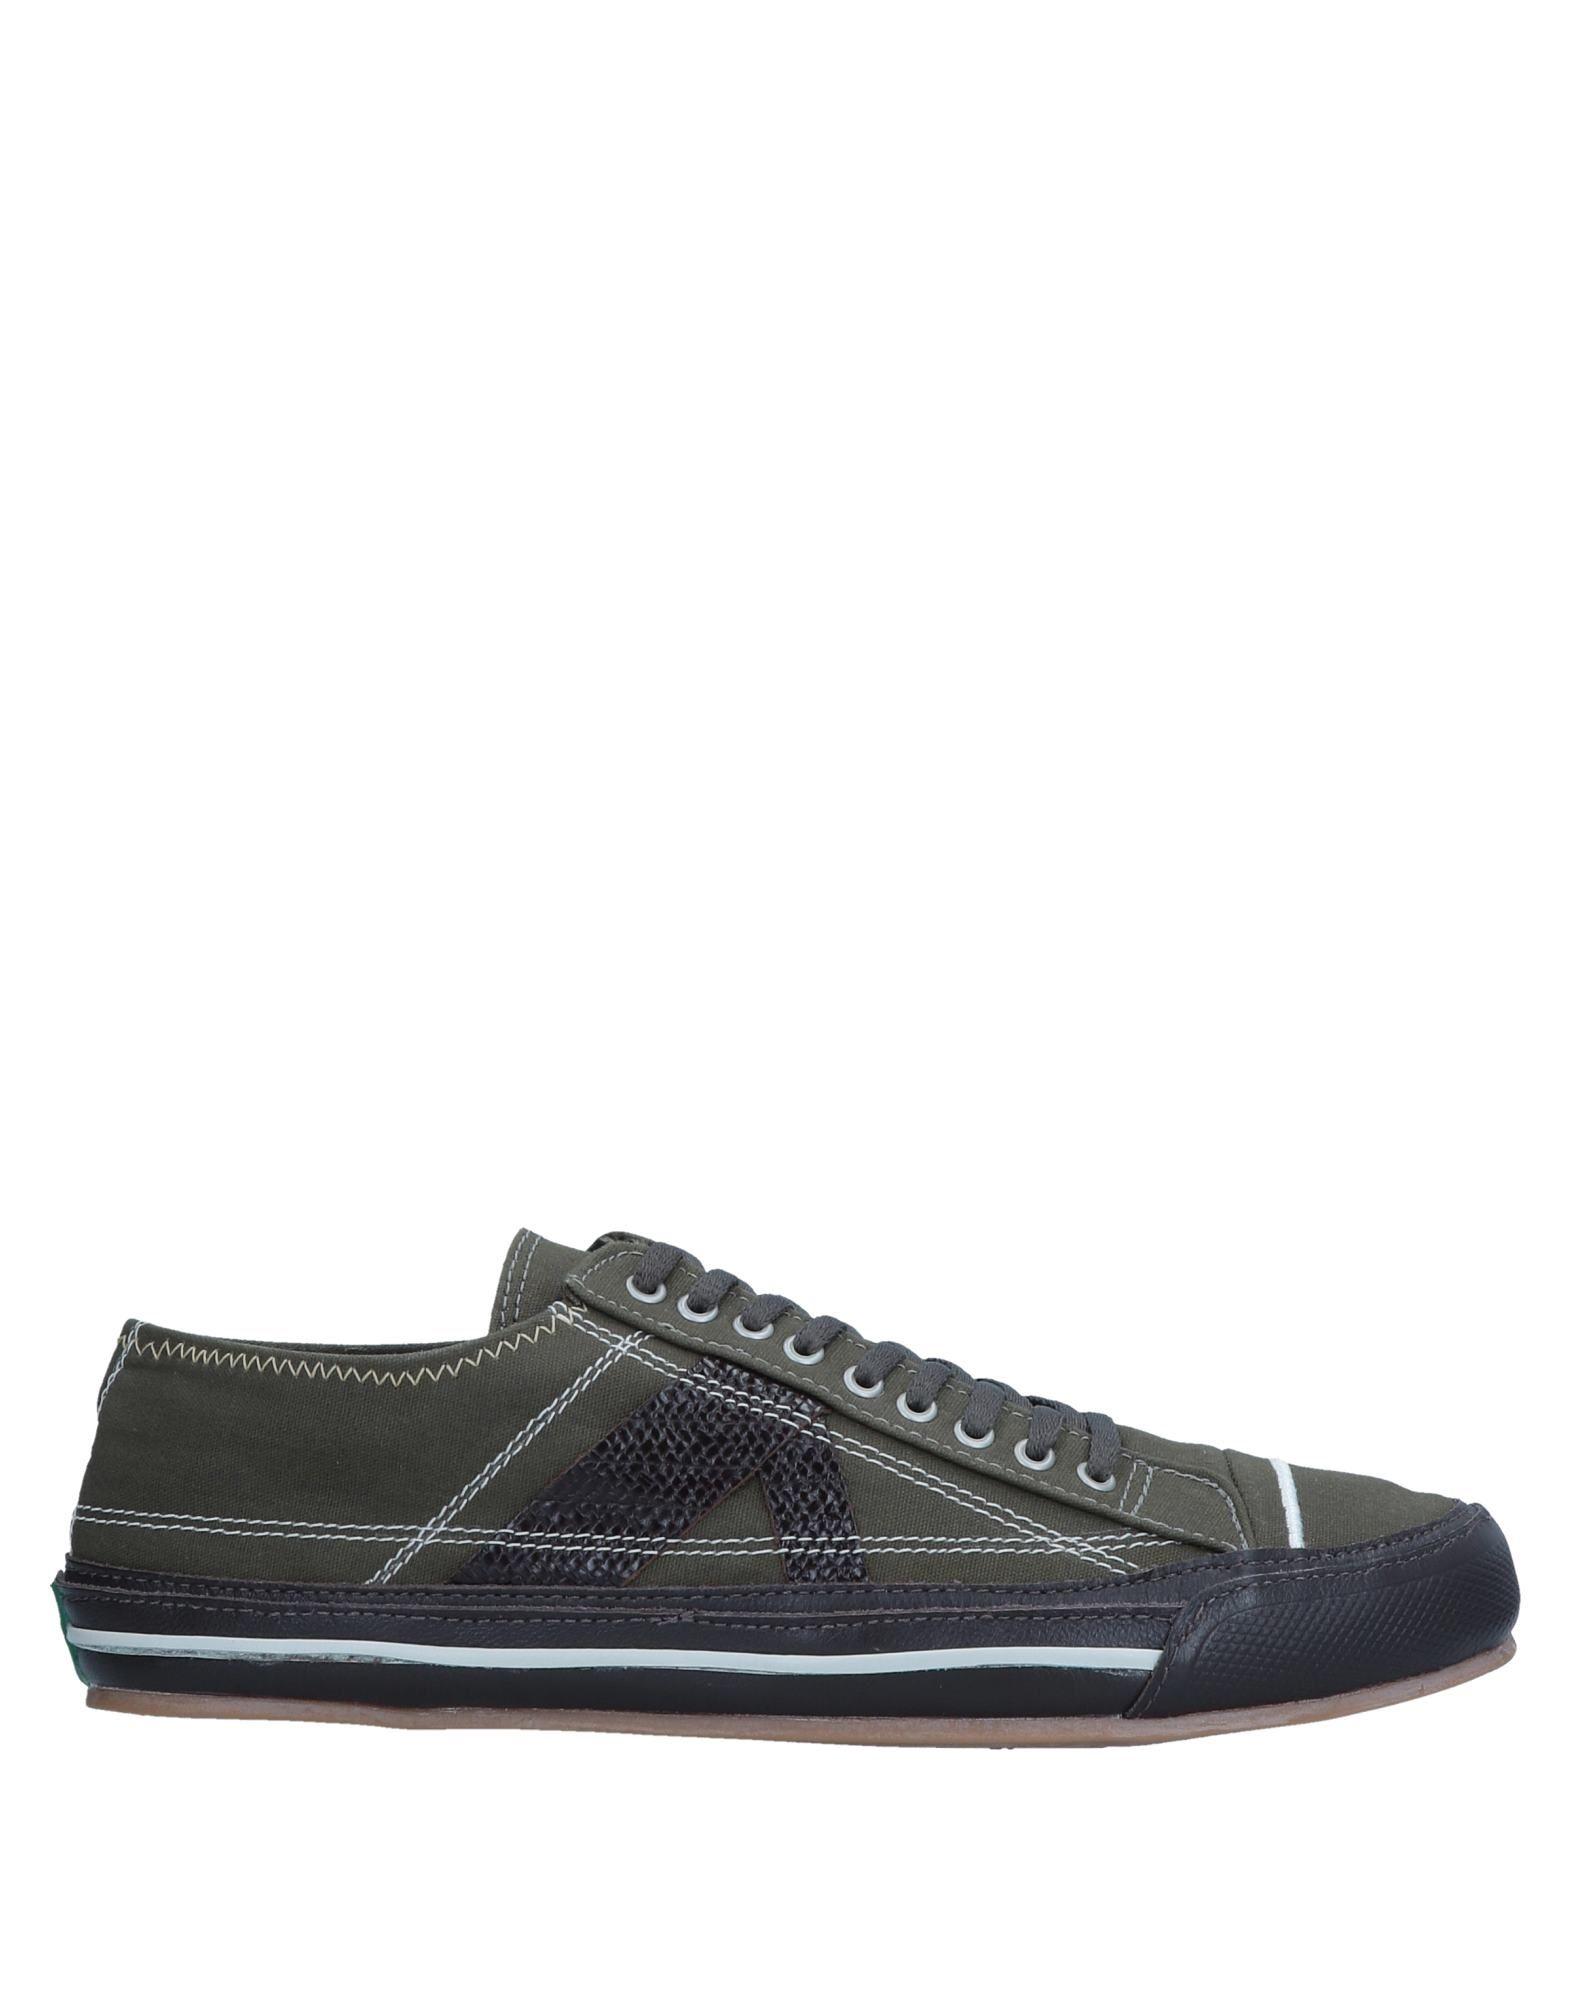 Rabatt echte Schuhe Pf Flyers Posture Foundation Sneakers Herren  11552784OR